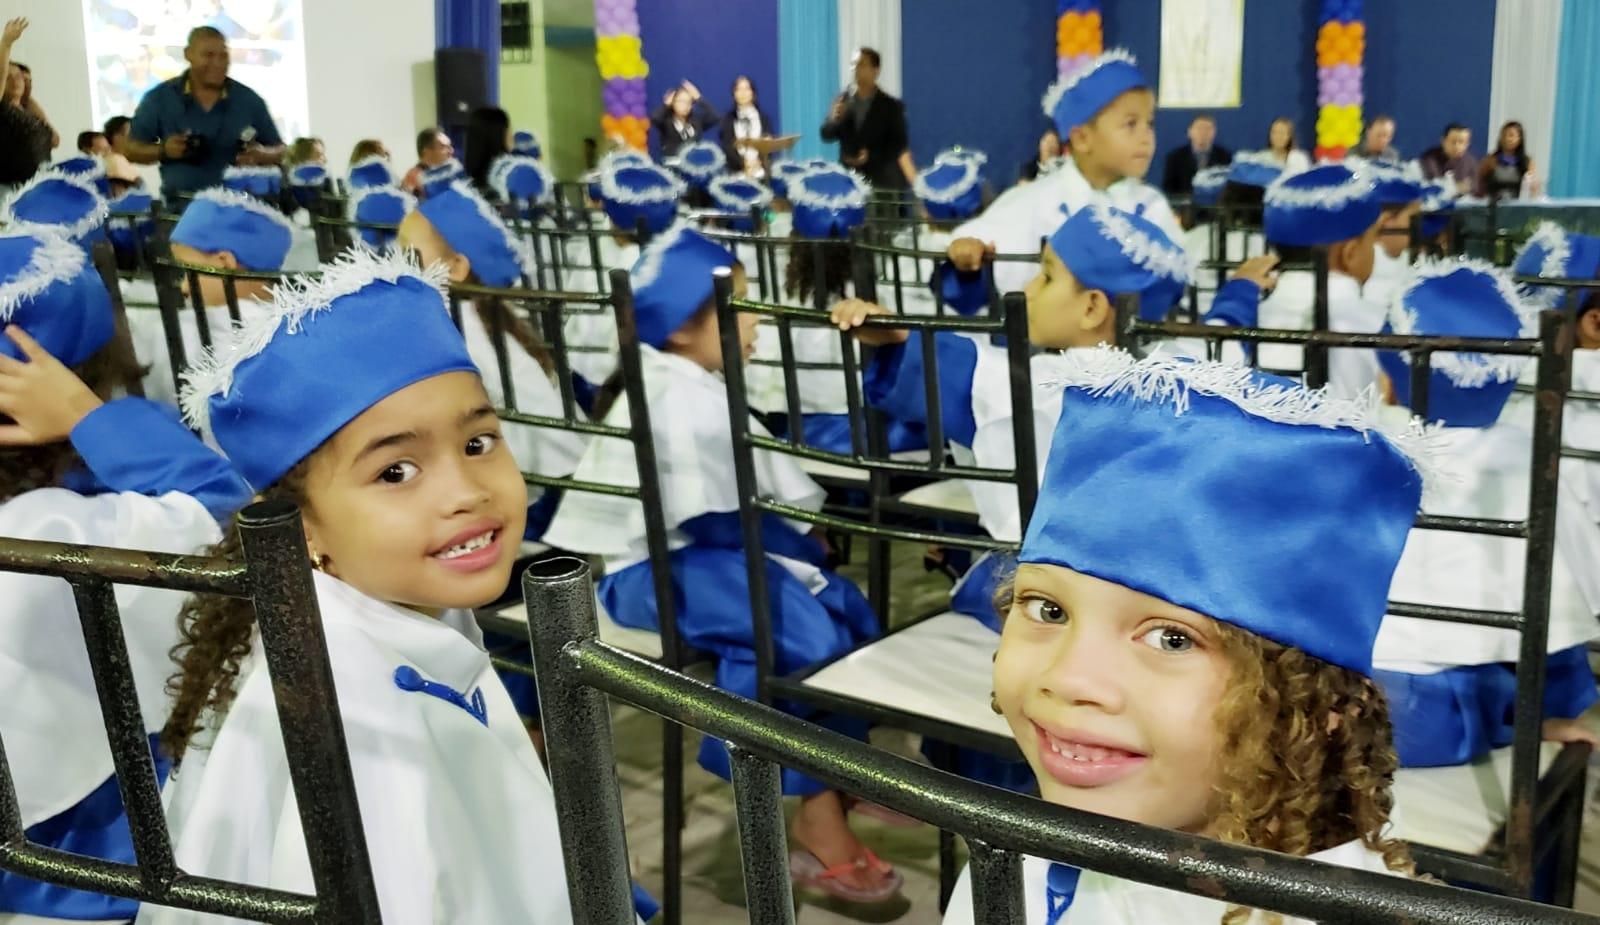 Cerca de 270 crianças participam de formatura da rede pré-escolar municipal em Guaraí